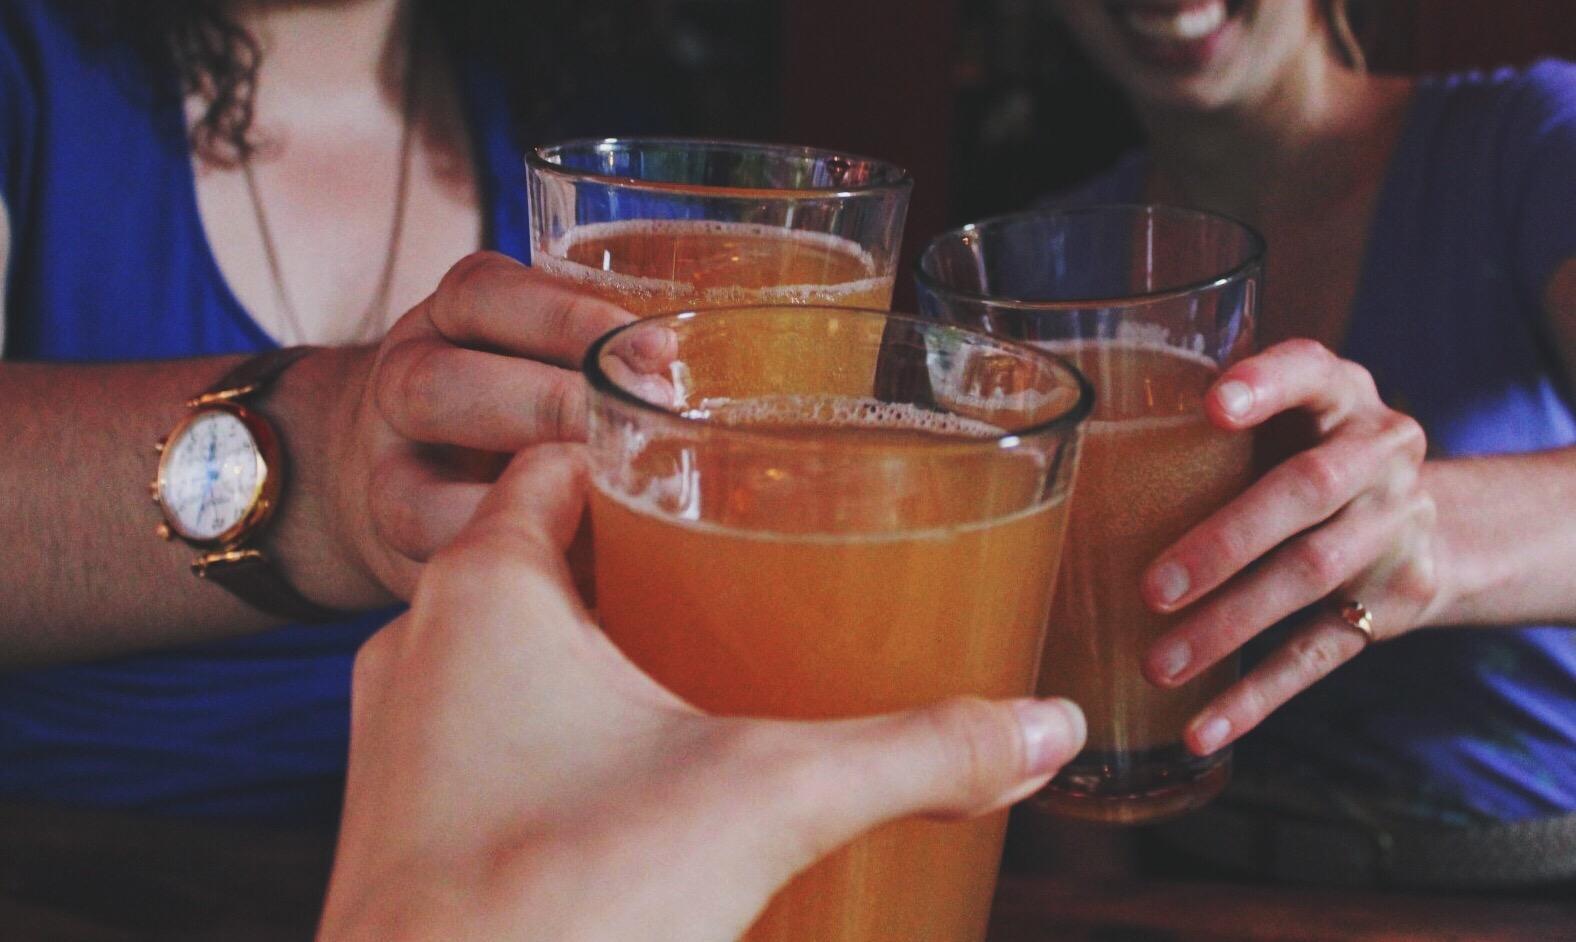 Juicy Brews WestFest Craft Beer Festival